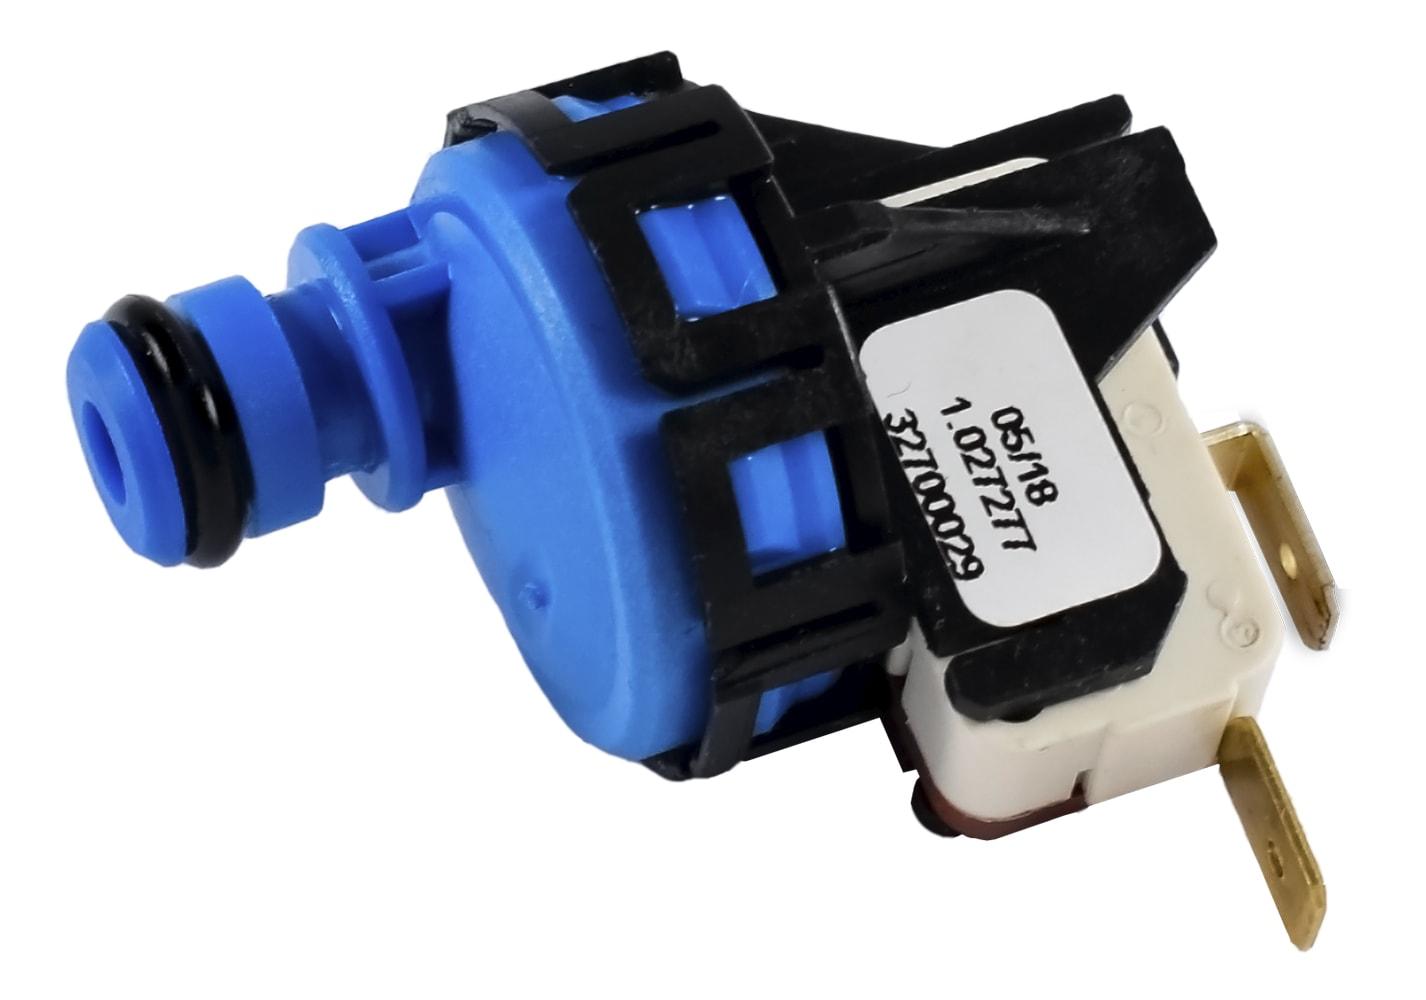 Presostat apa pentru centrala termica Immergas Victrix Tera si Victrix EXA, cod piesa 1.027277 (1.028891)